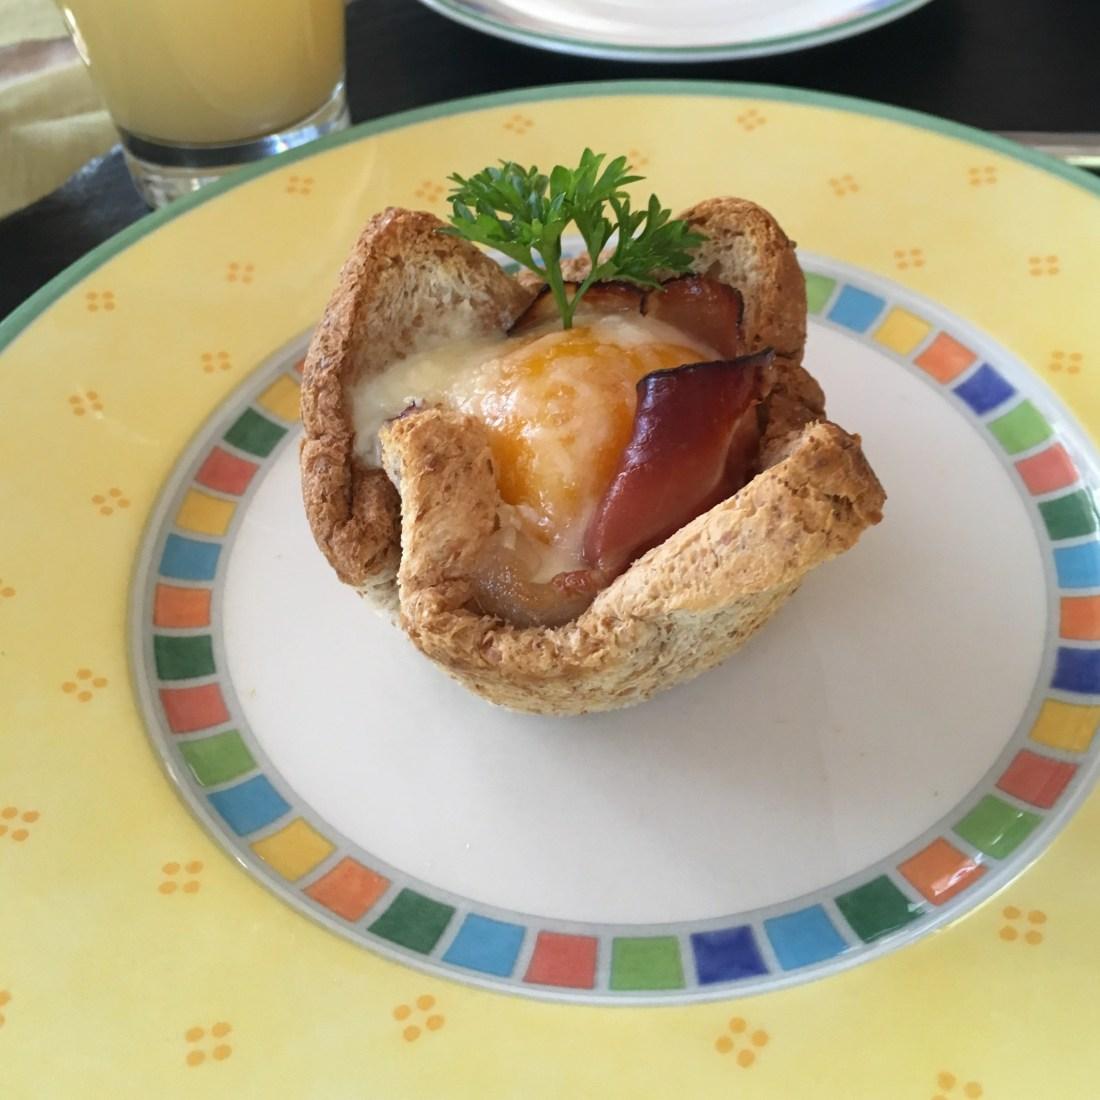 Frühstücksei, Brunch, Brunchidee, lecker Frühstück